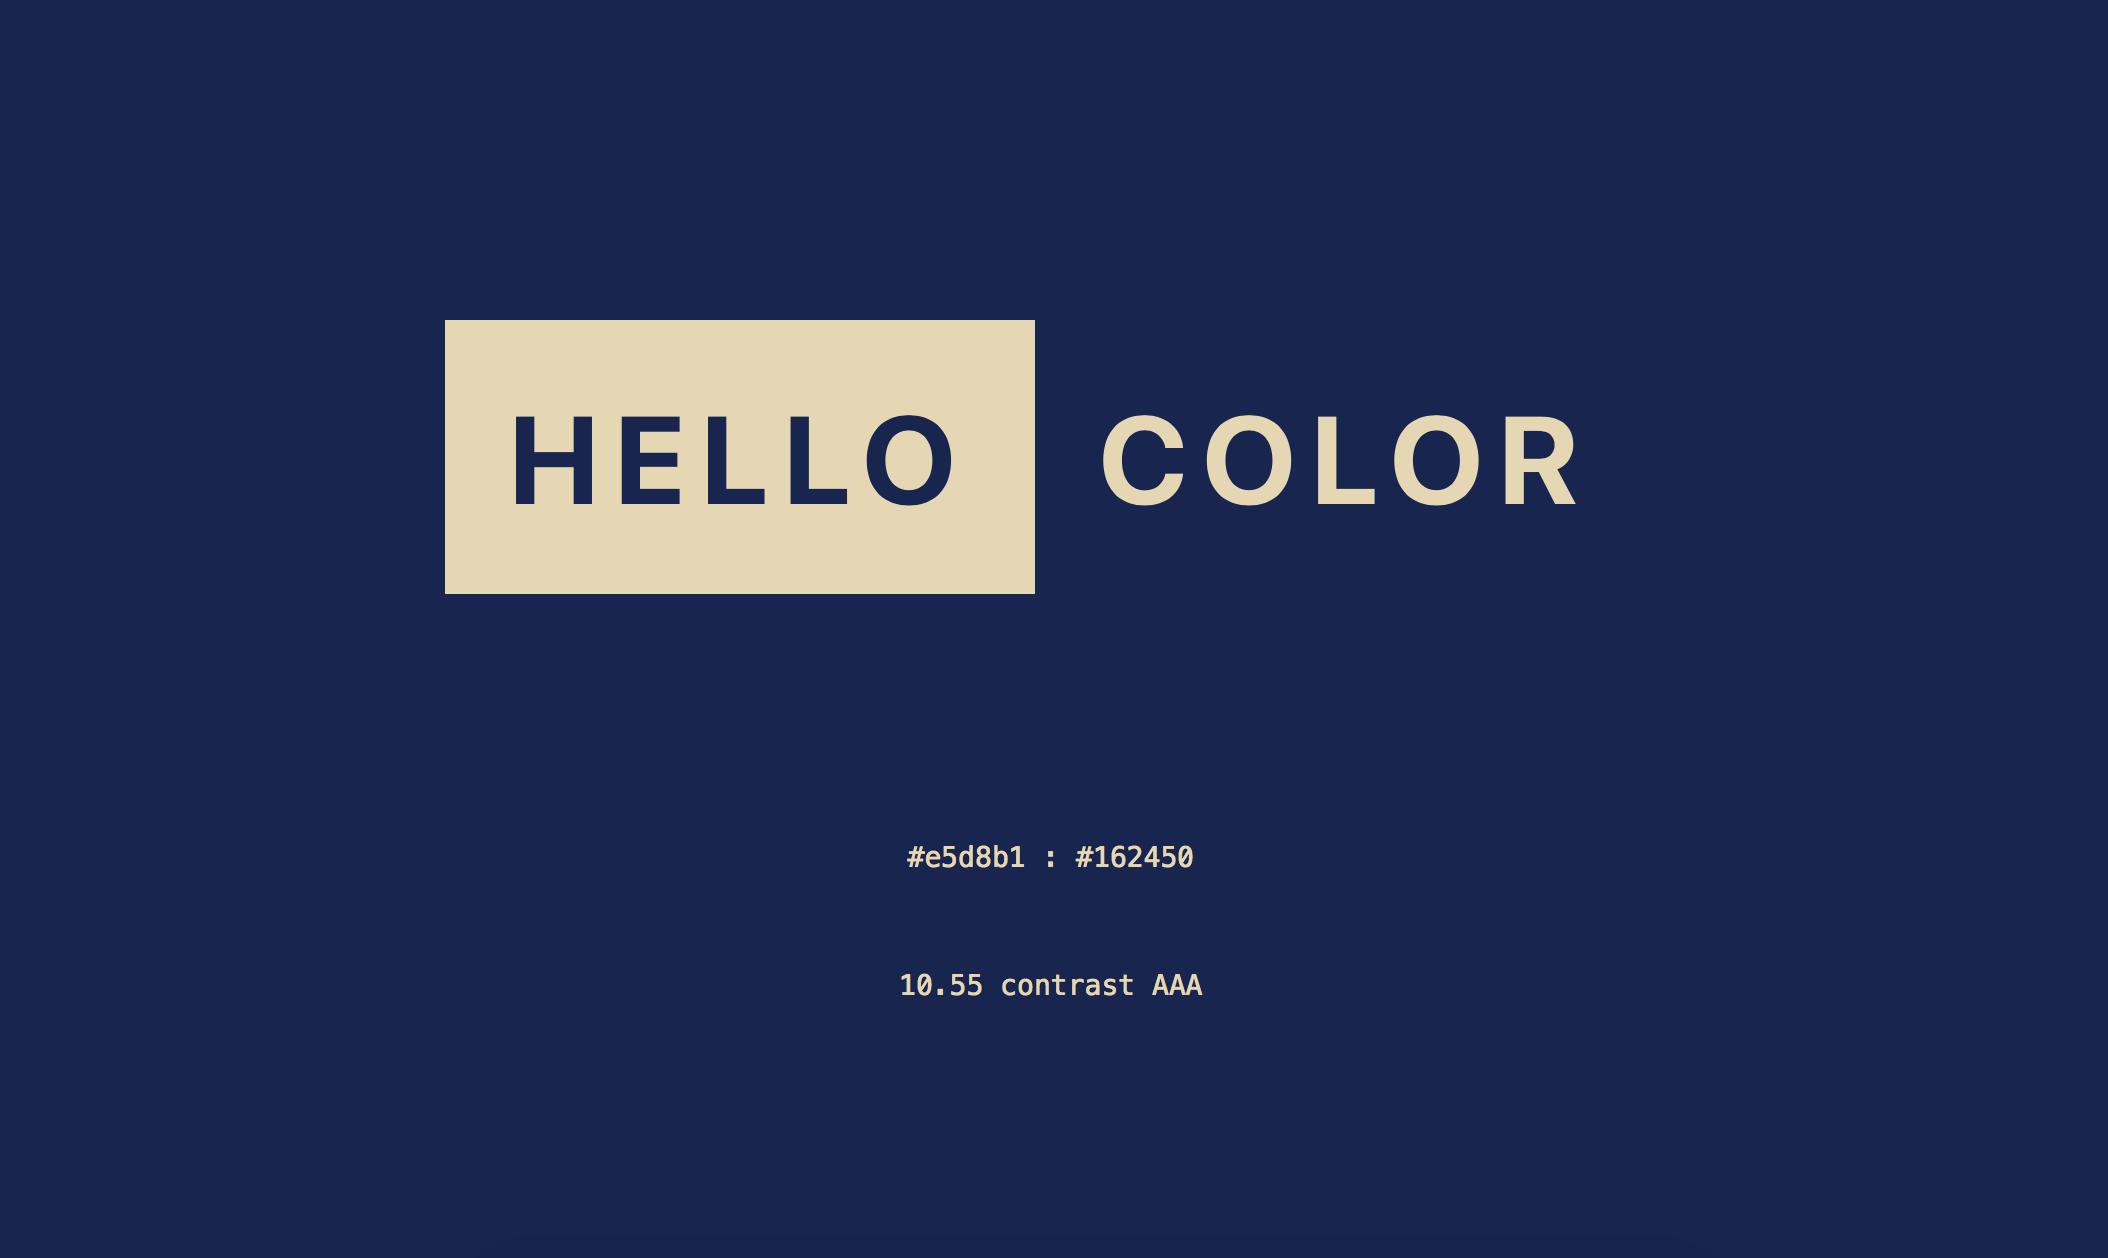 HELLO COLOR   點擊畫面,它會隨機提供兩種顏色組合,同時提供給你相近、互補的顏色